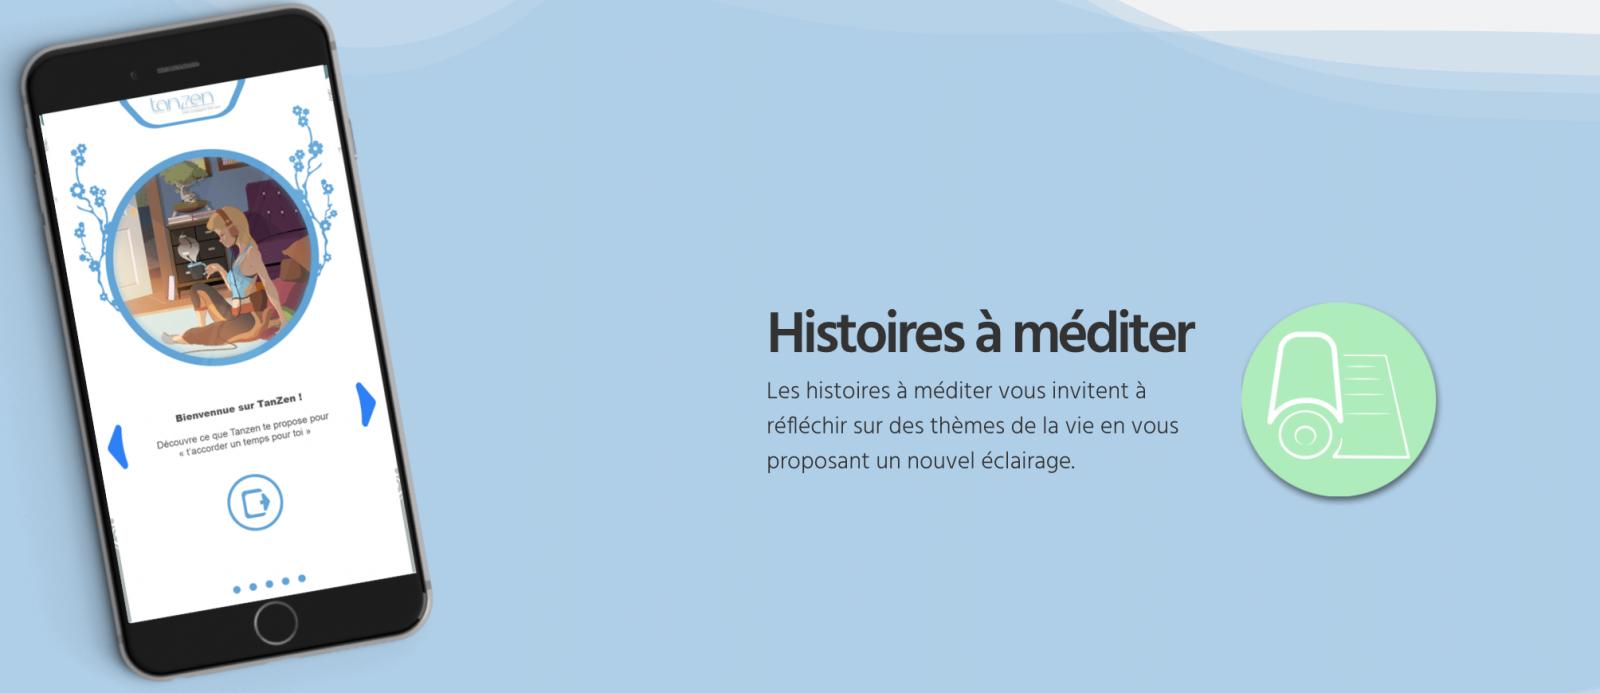 histoire a mediter